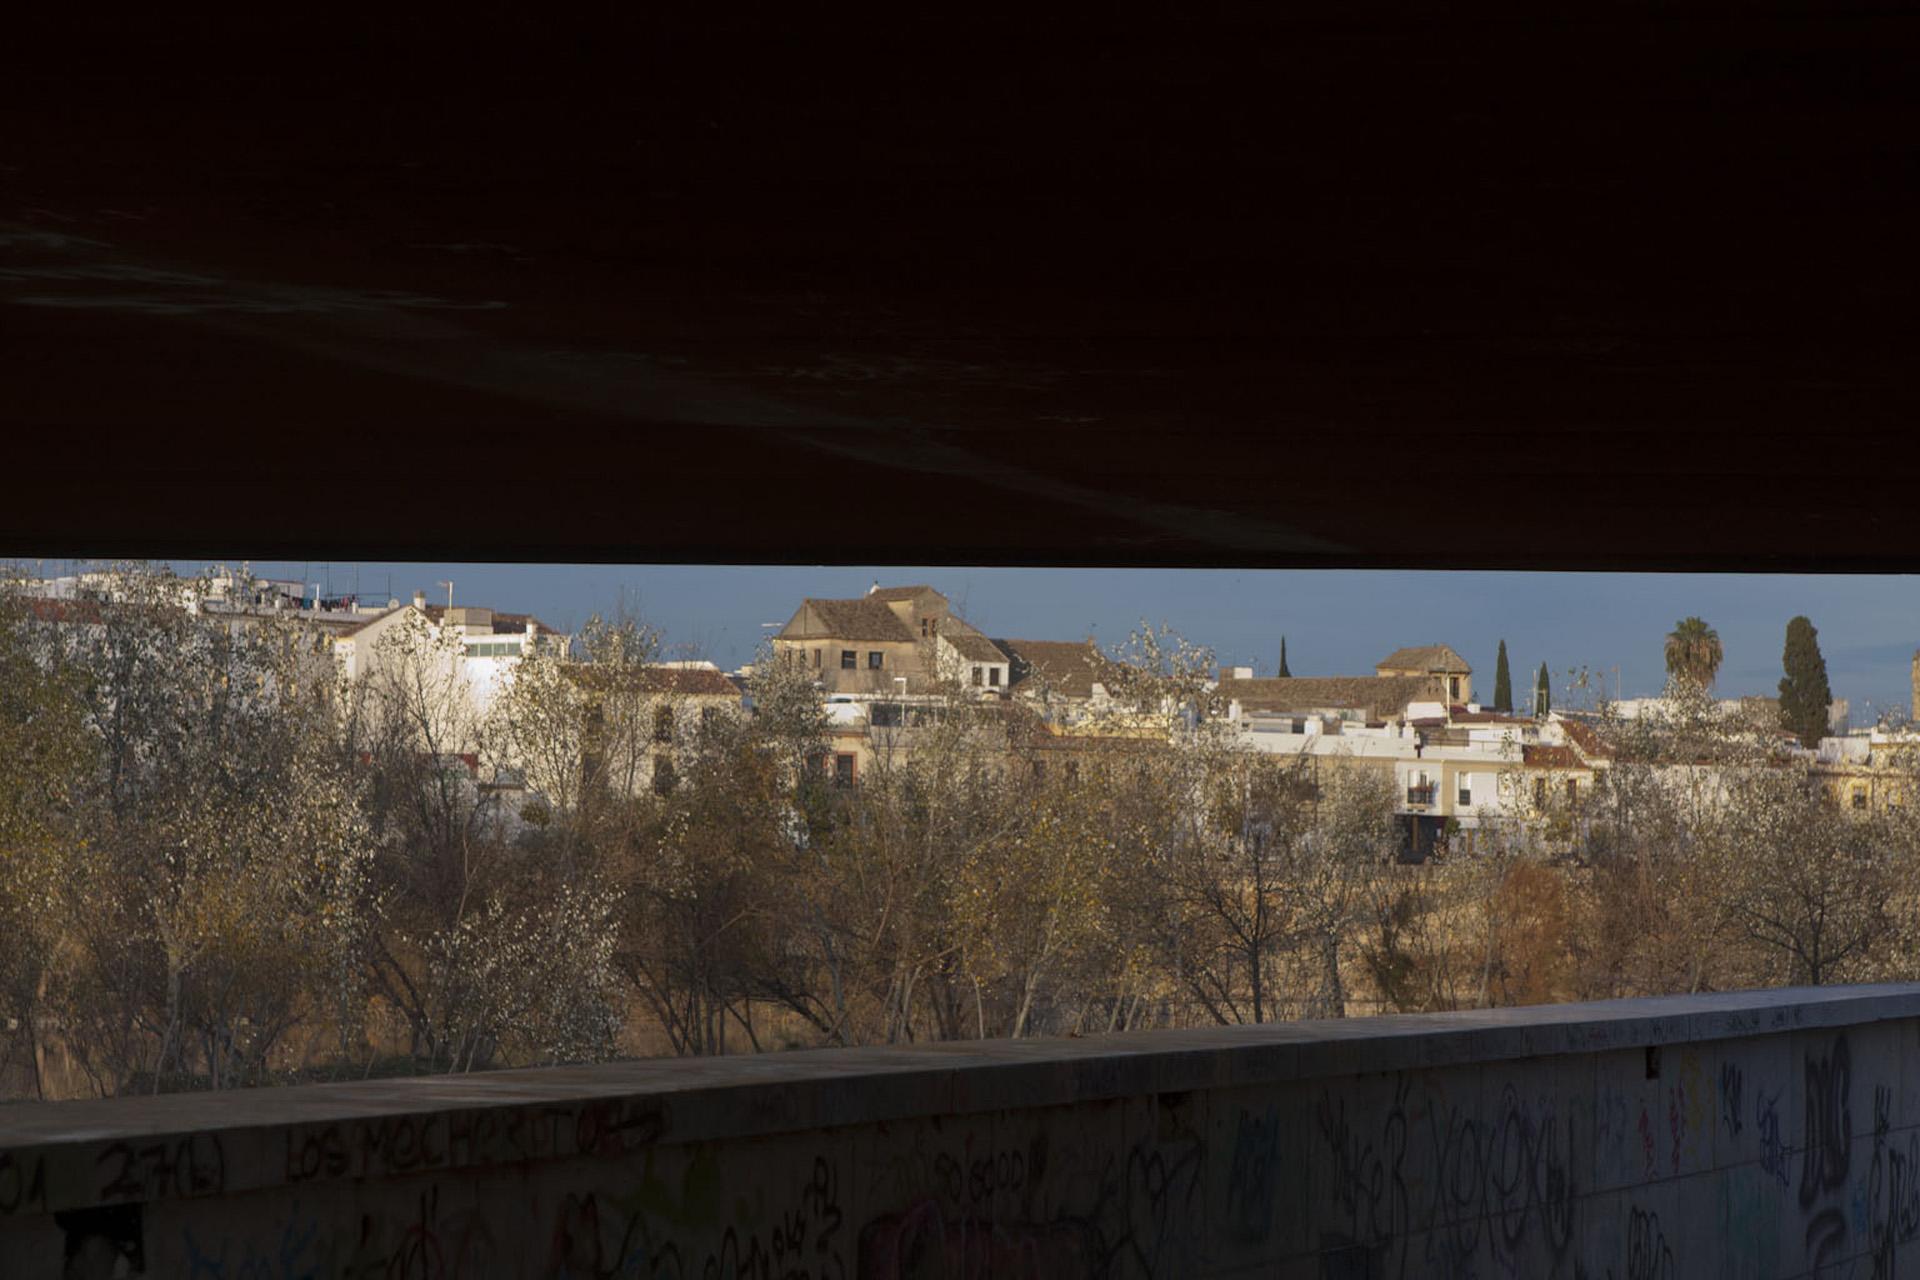 Spain trip, 2013 - 2014